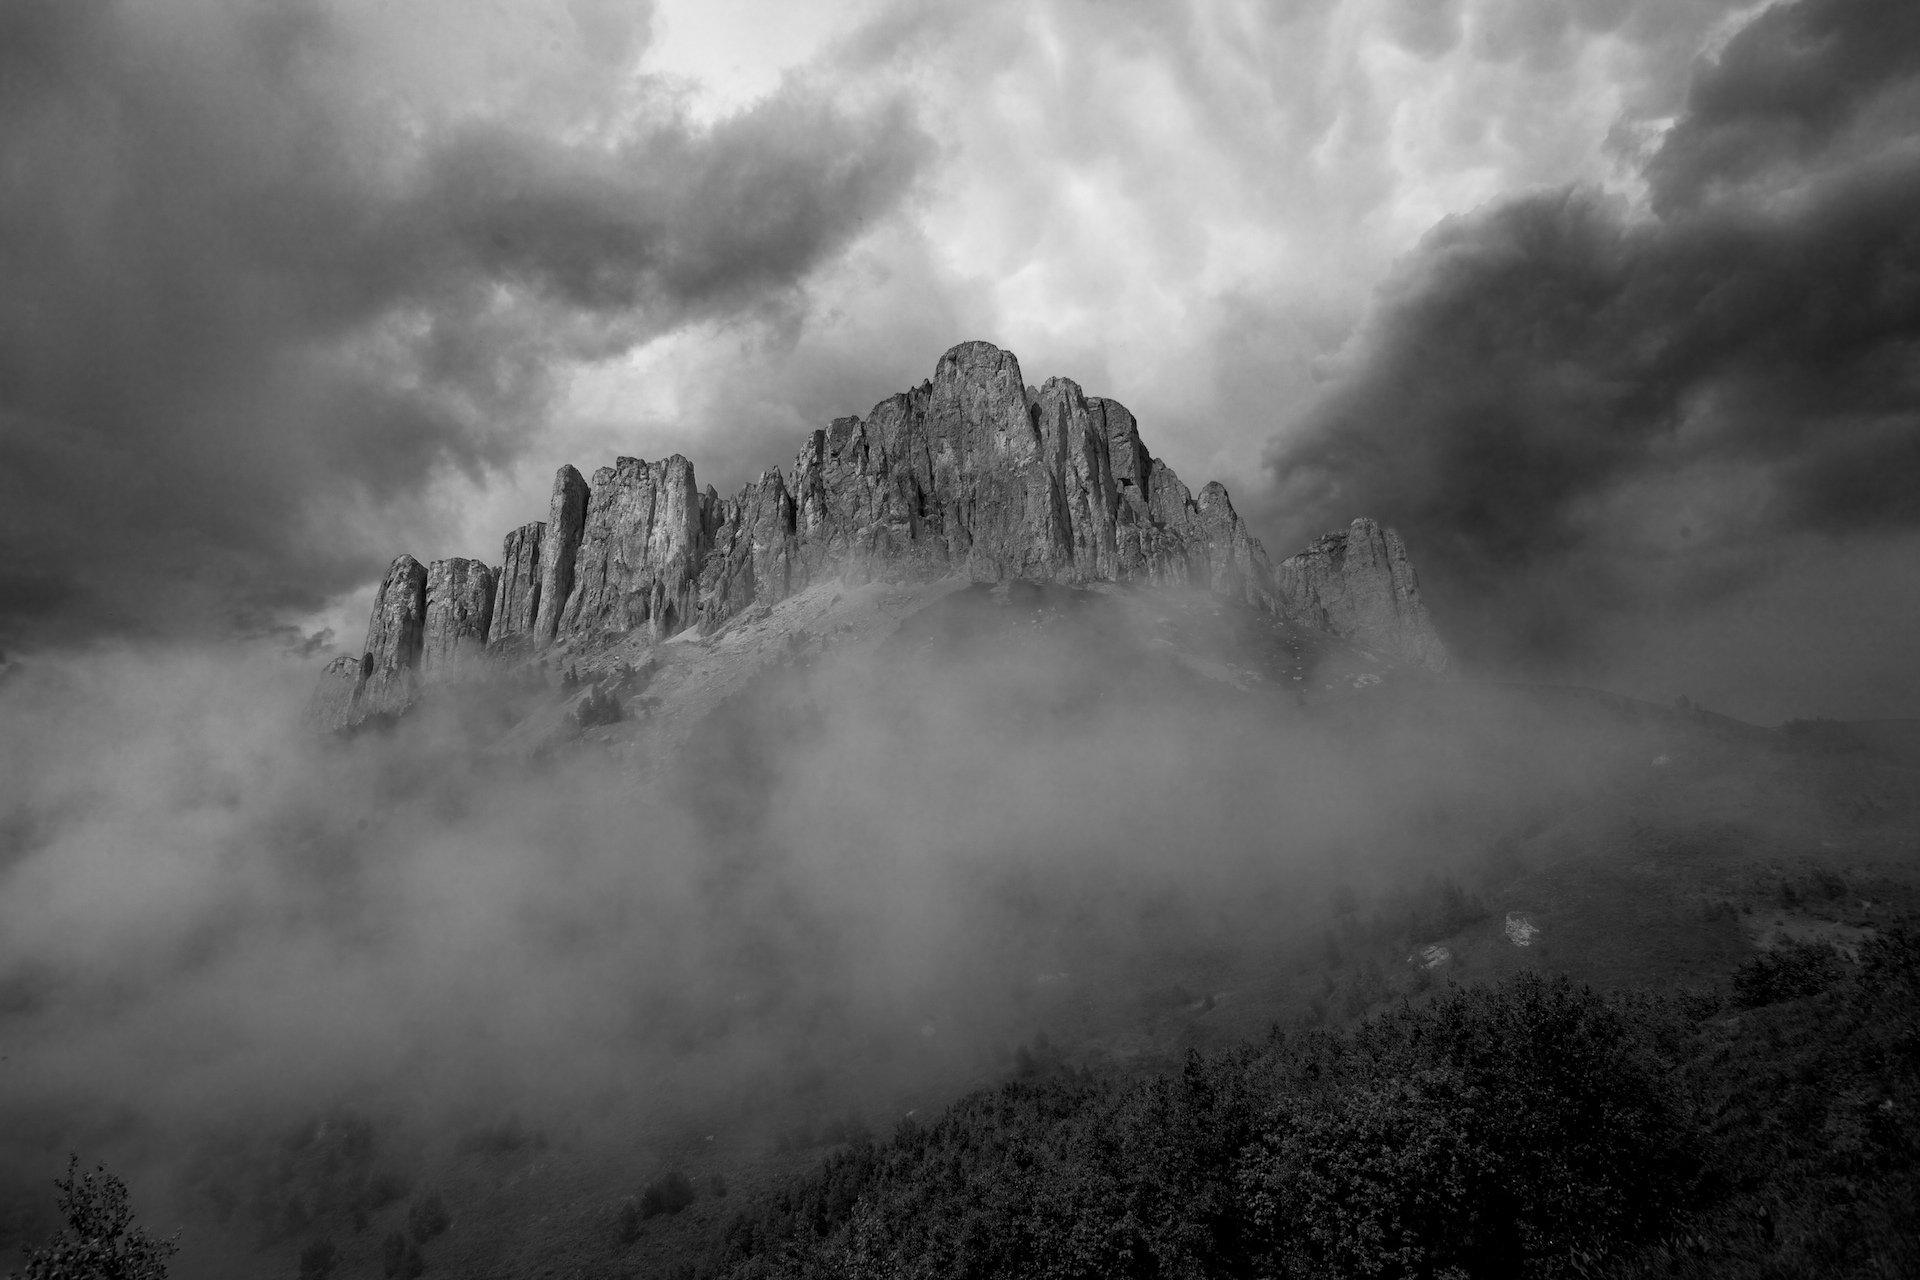 природный парк большой тхач, гора, кавказ, туман, ночь, земля богов,, Никифоров Егор